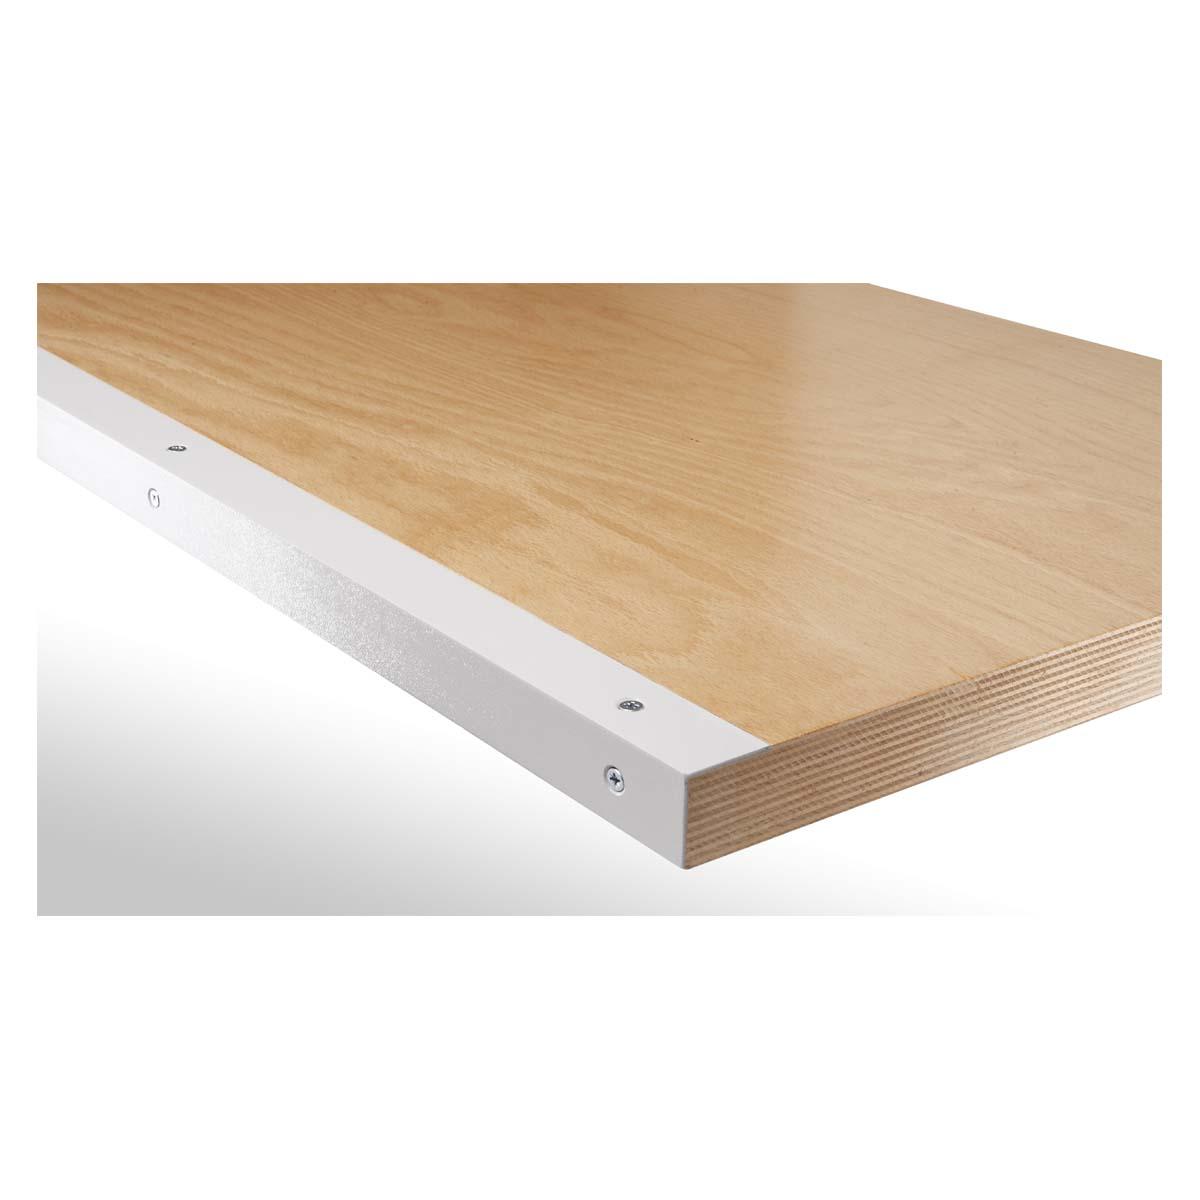 garant arbeitsplatte aus buche multiplex mit kantenschutz tiefe 700 mm 1500 mm garant. Black Bedroom Furniture Sets. Home Design Ideas